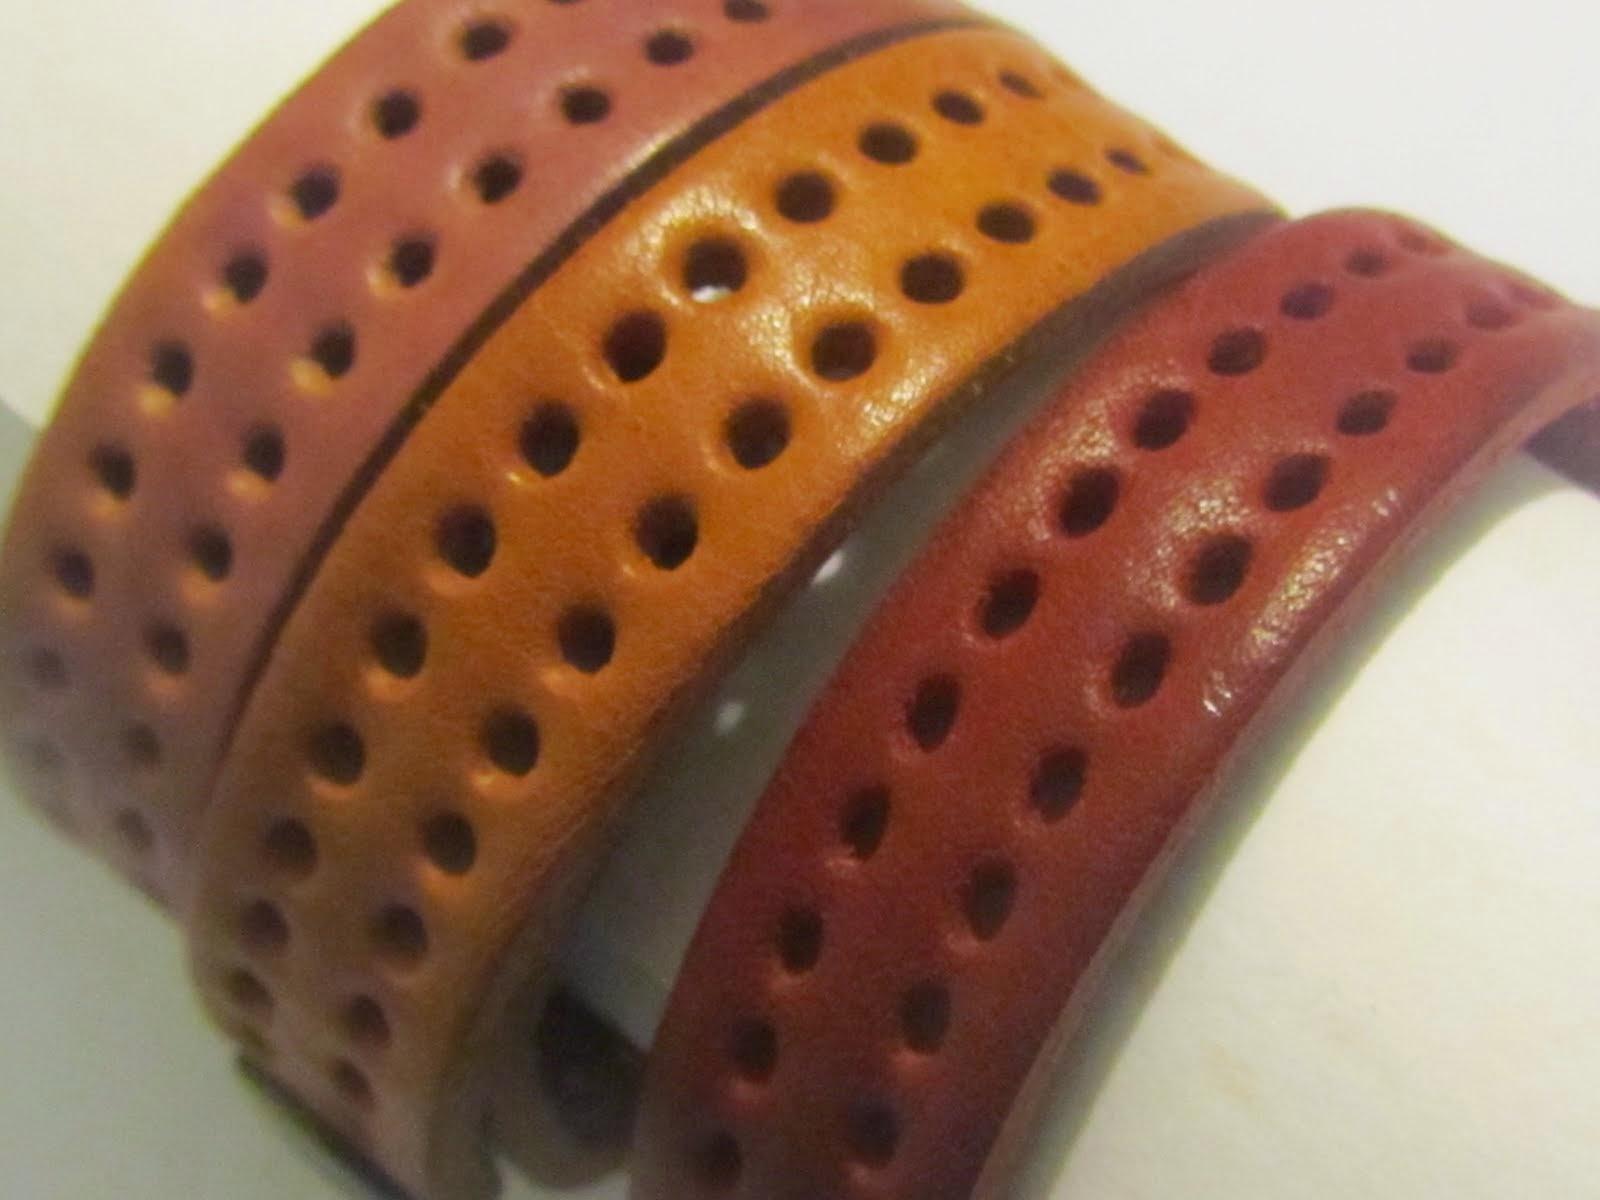 Artigiano che realizza accessori in pelle e cuoio